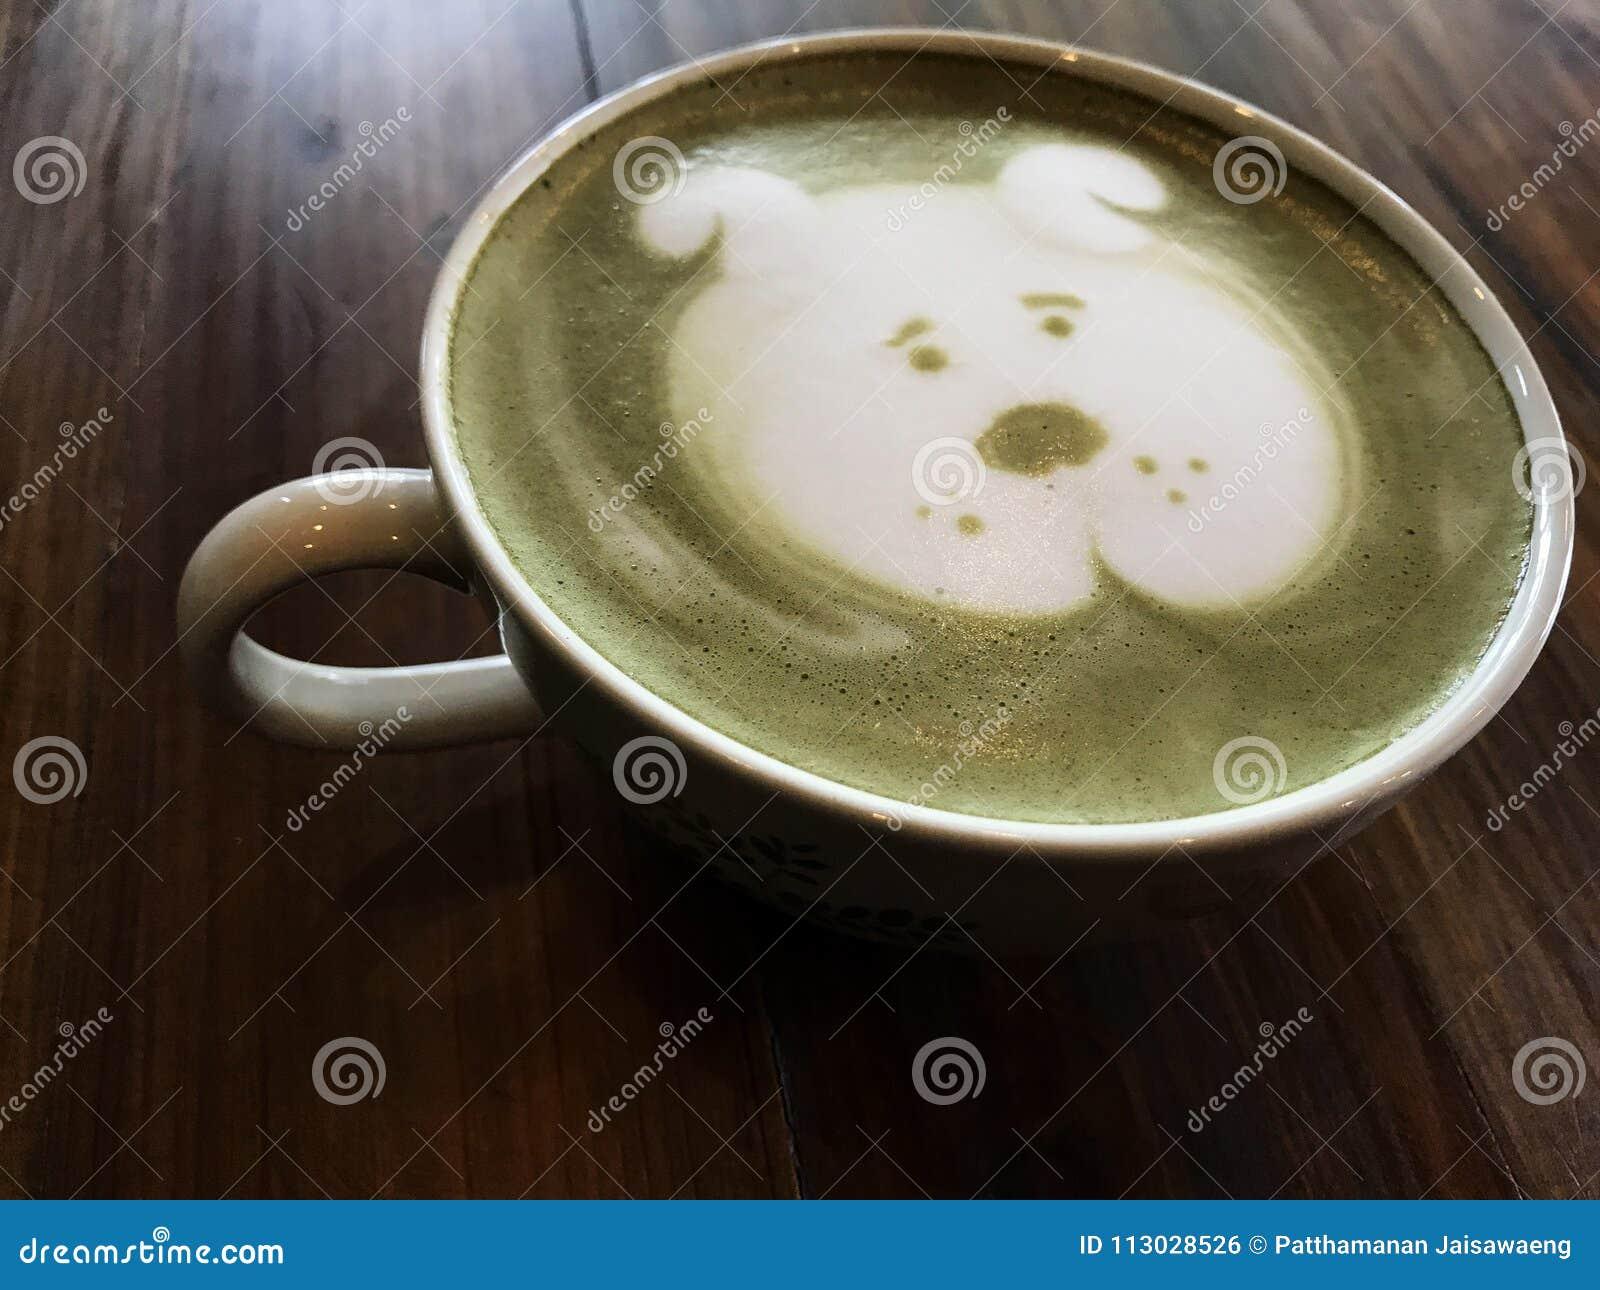 Arte lindo del latte de la cara del perro del té verde en la taza blanca en la tabla de madera